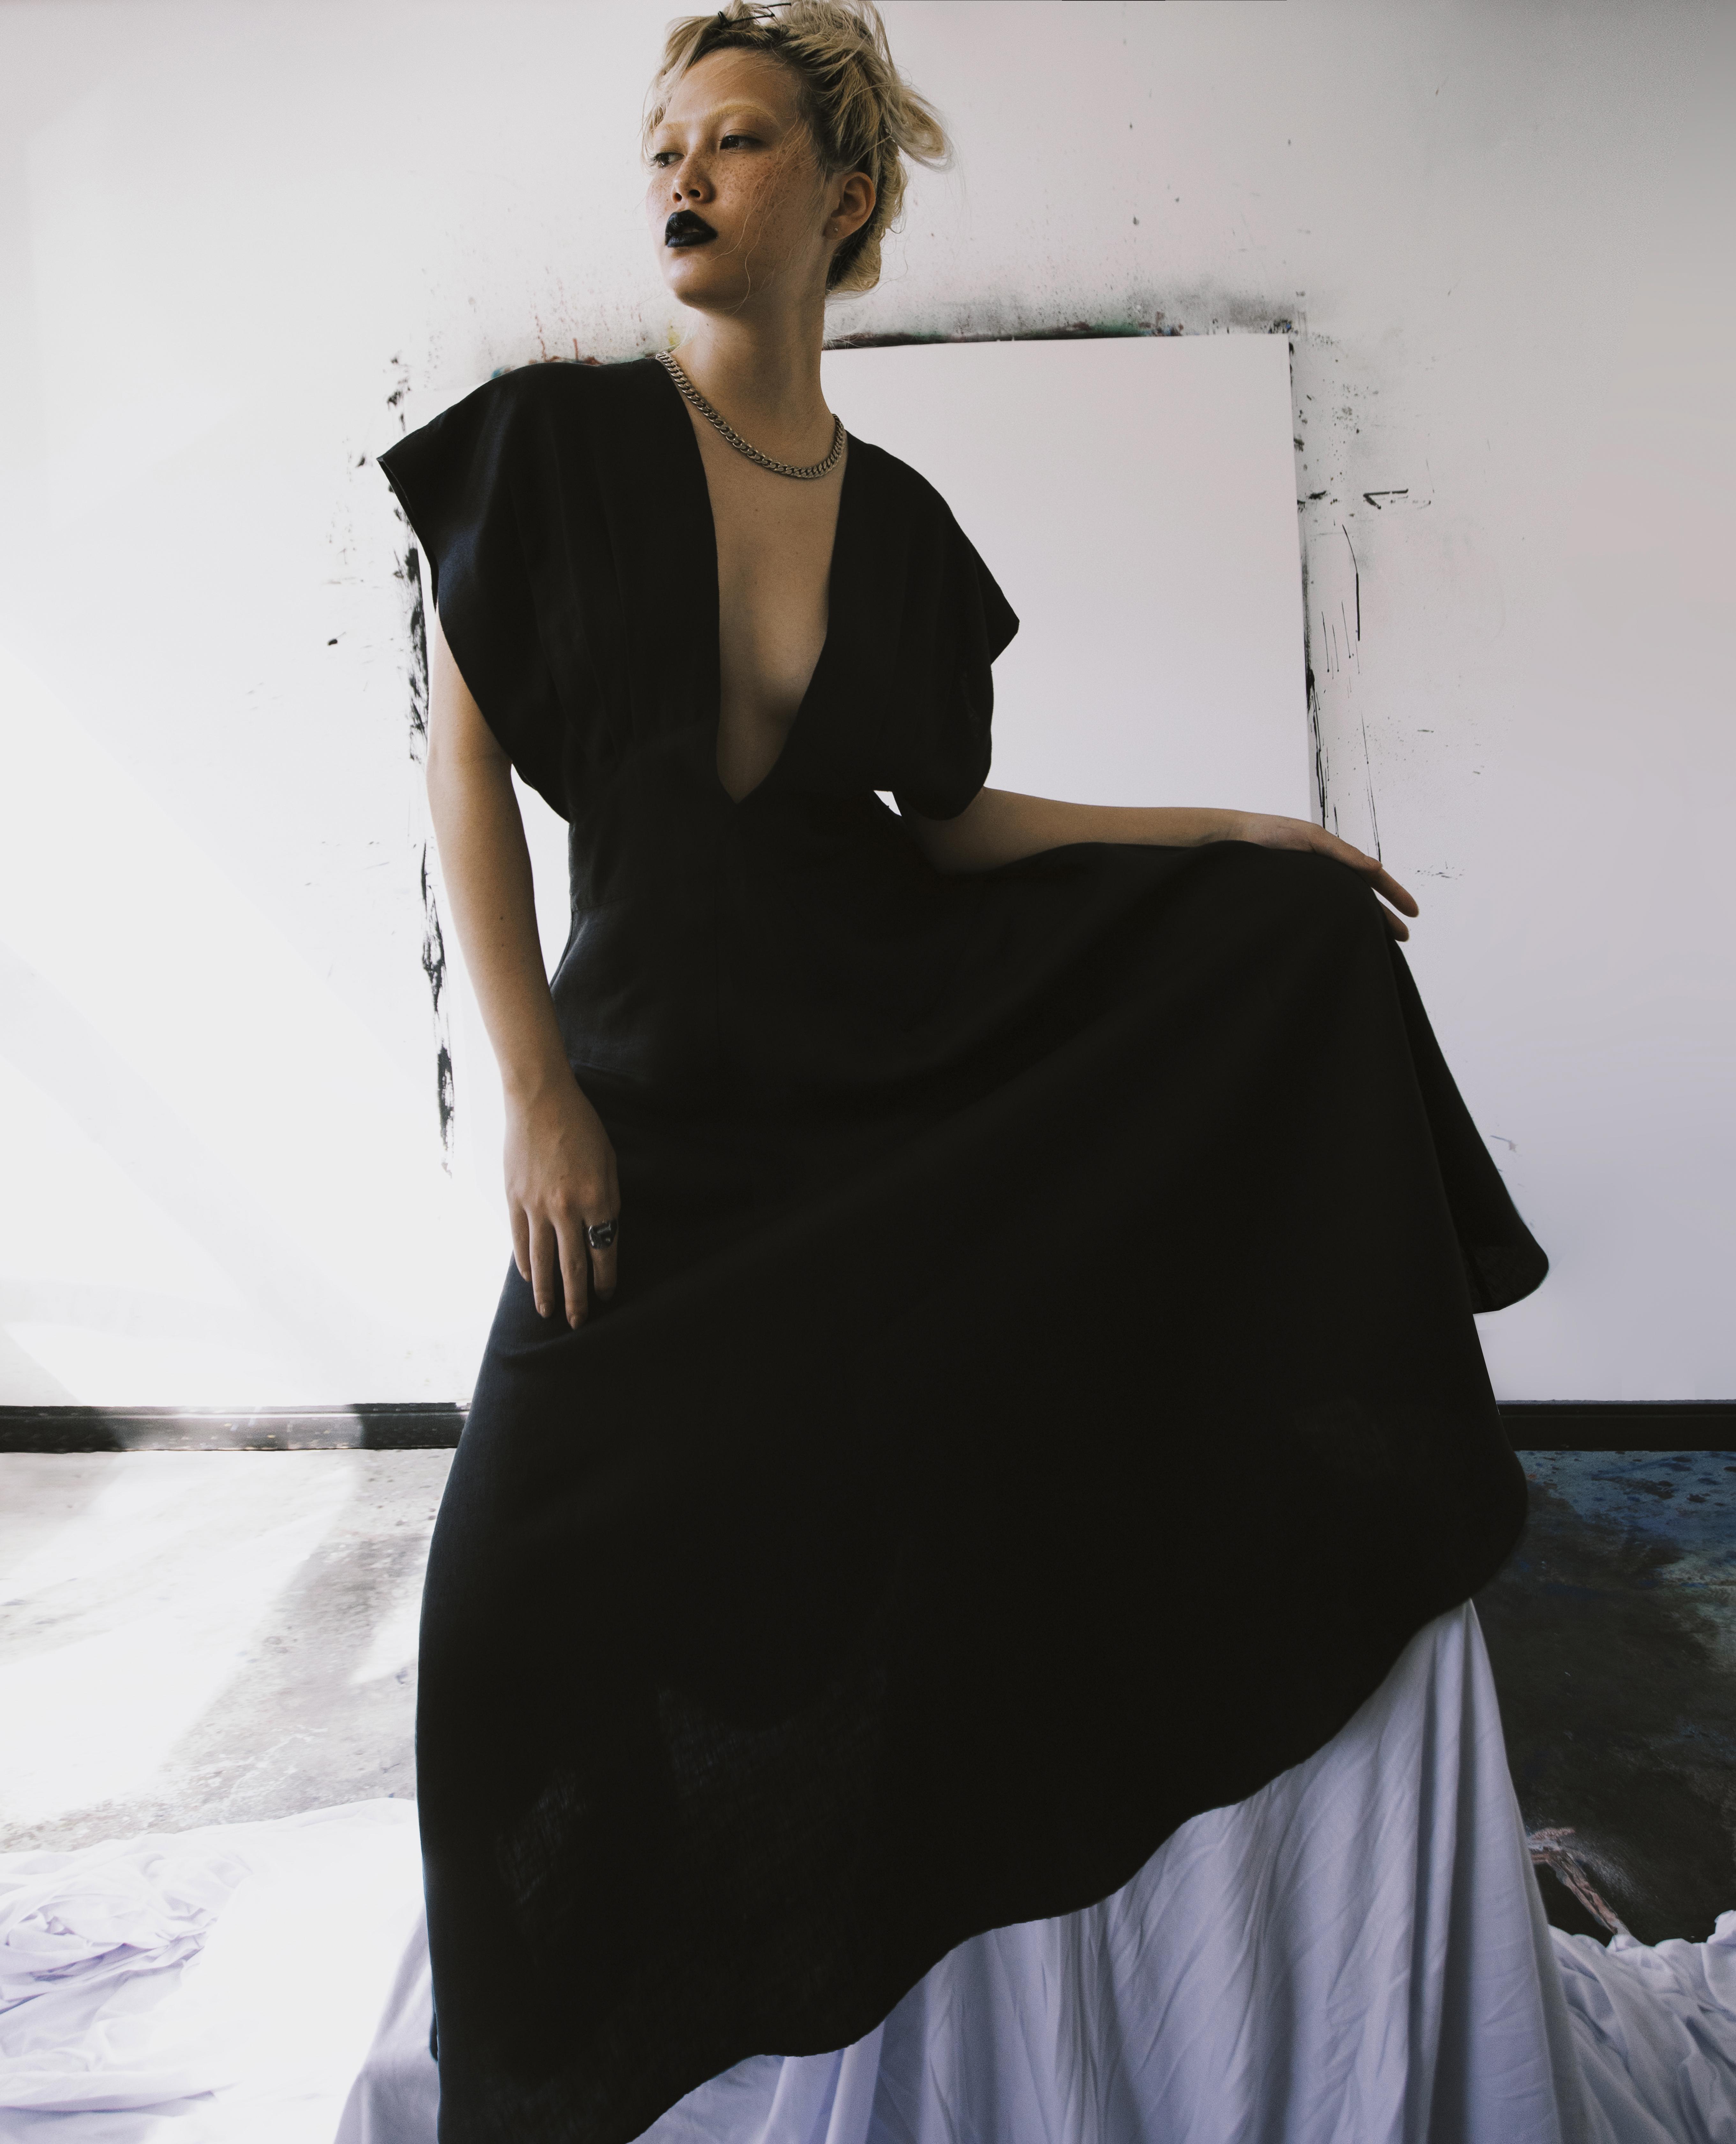 modelo vestindo macacão preto com fundo branco